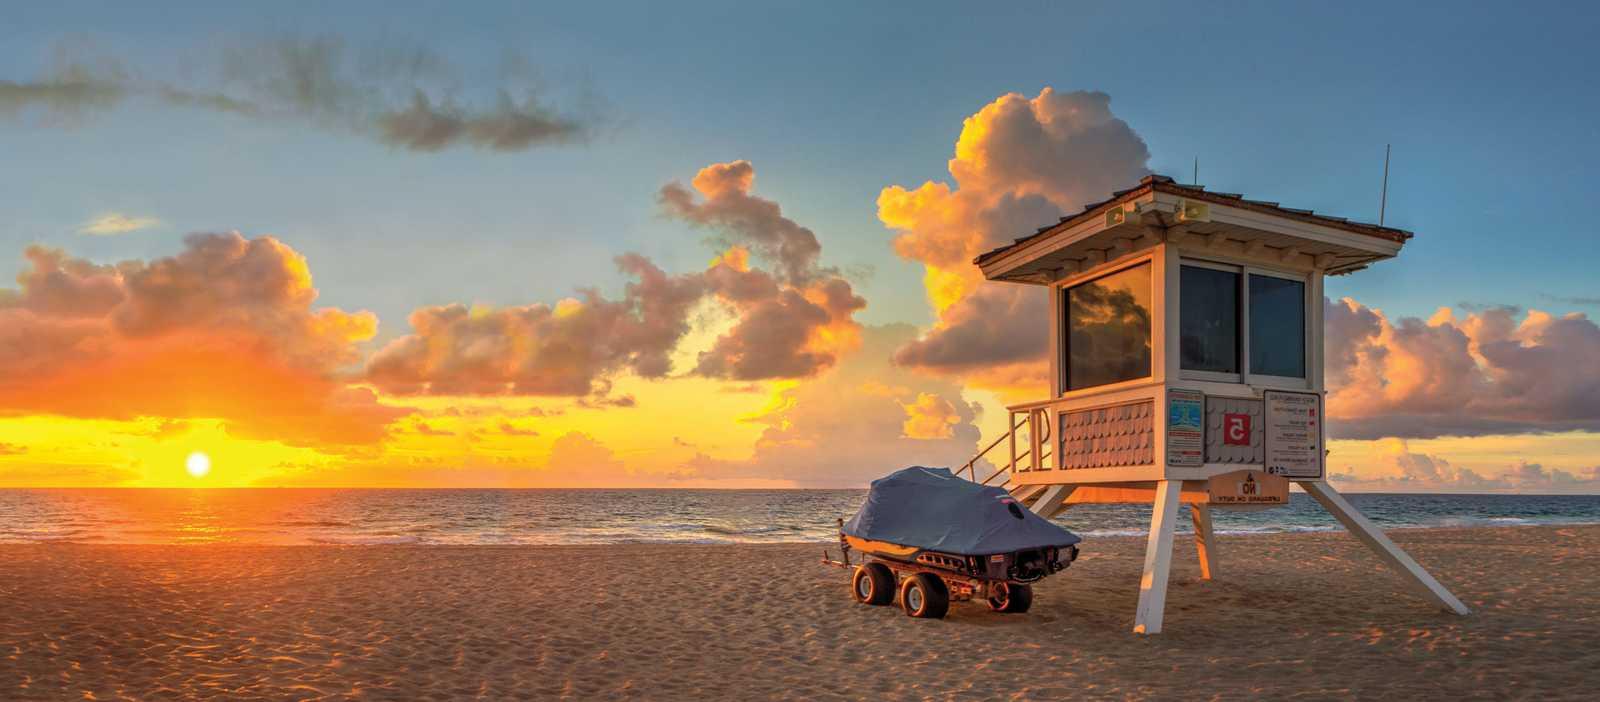 Eine Wasserrettungsstation am Strand von Fort Lauderdale